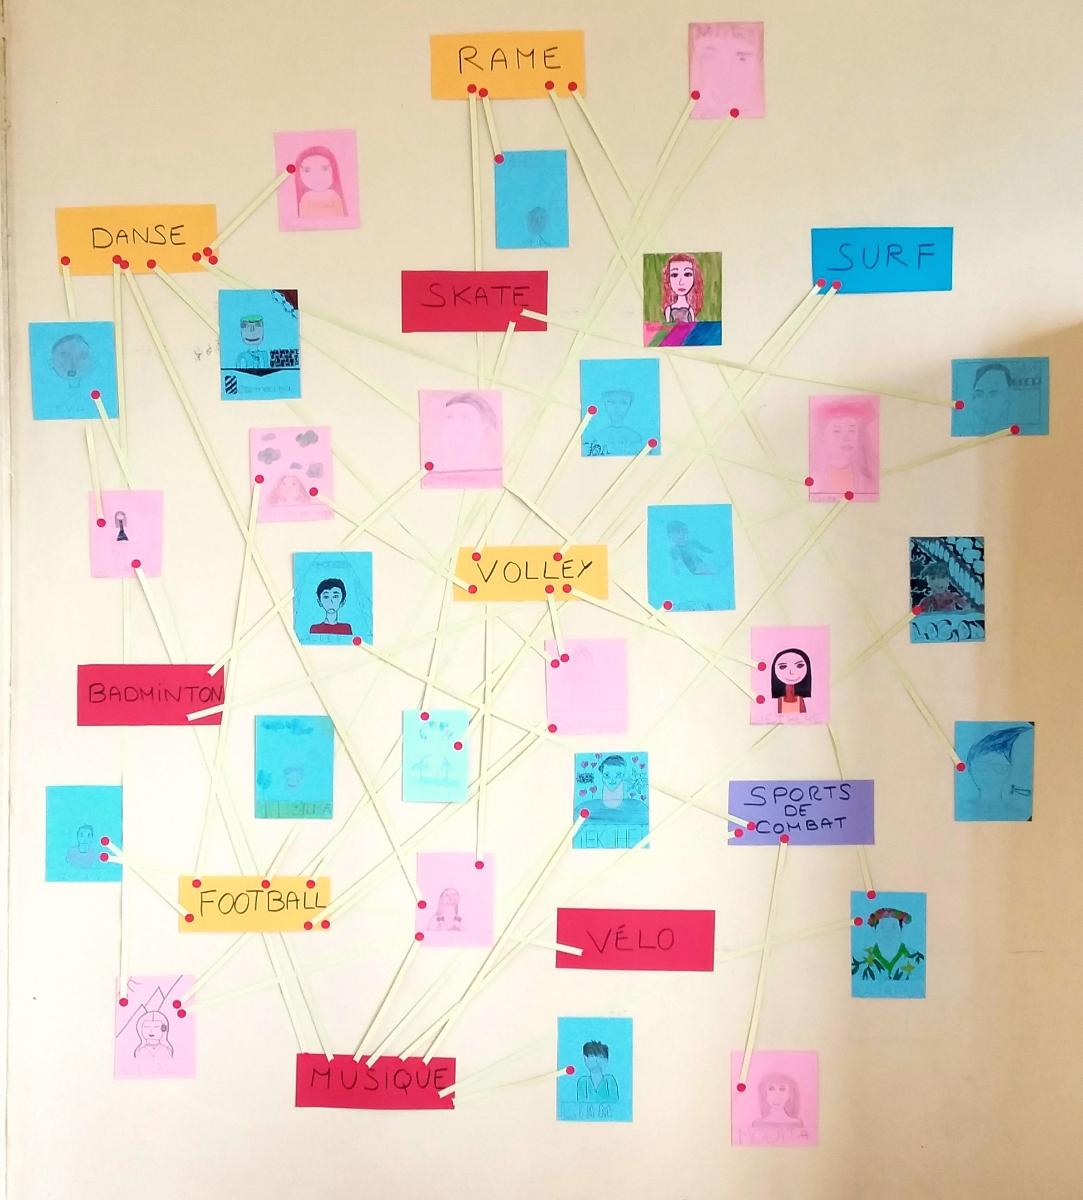 HVC 6e - Travailler la cohésion entre les élèves : réaliser le mur de la classe.